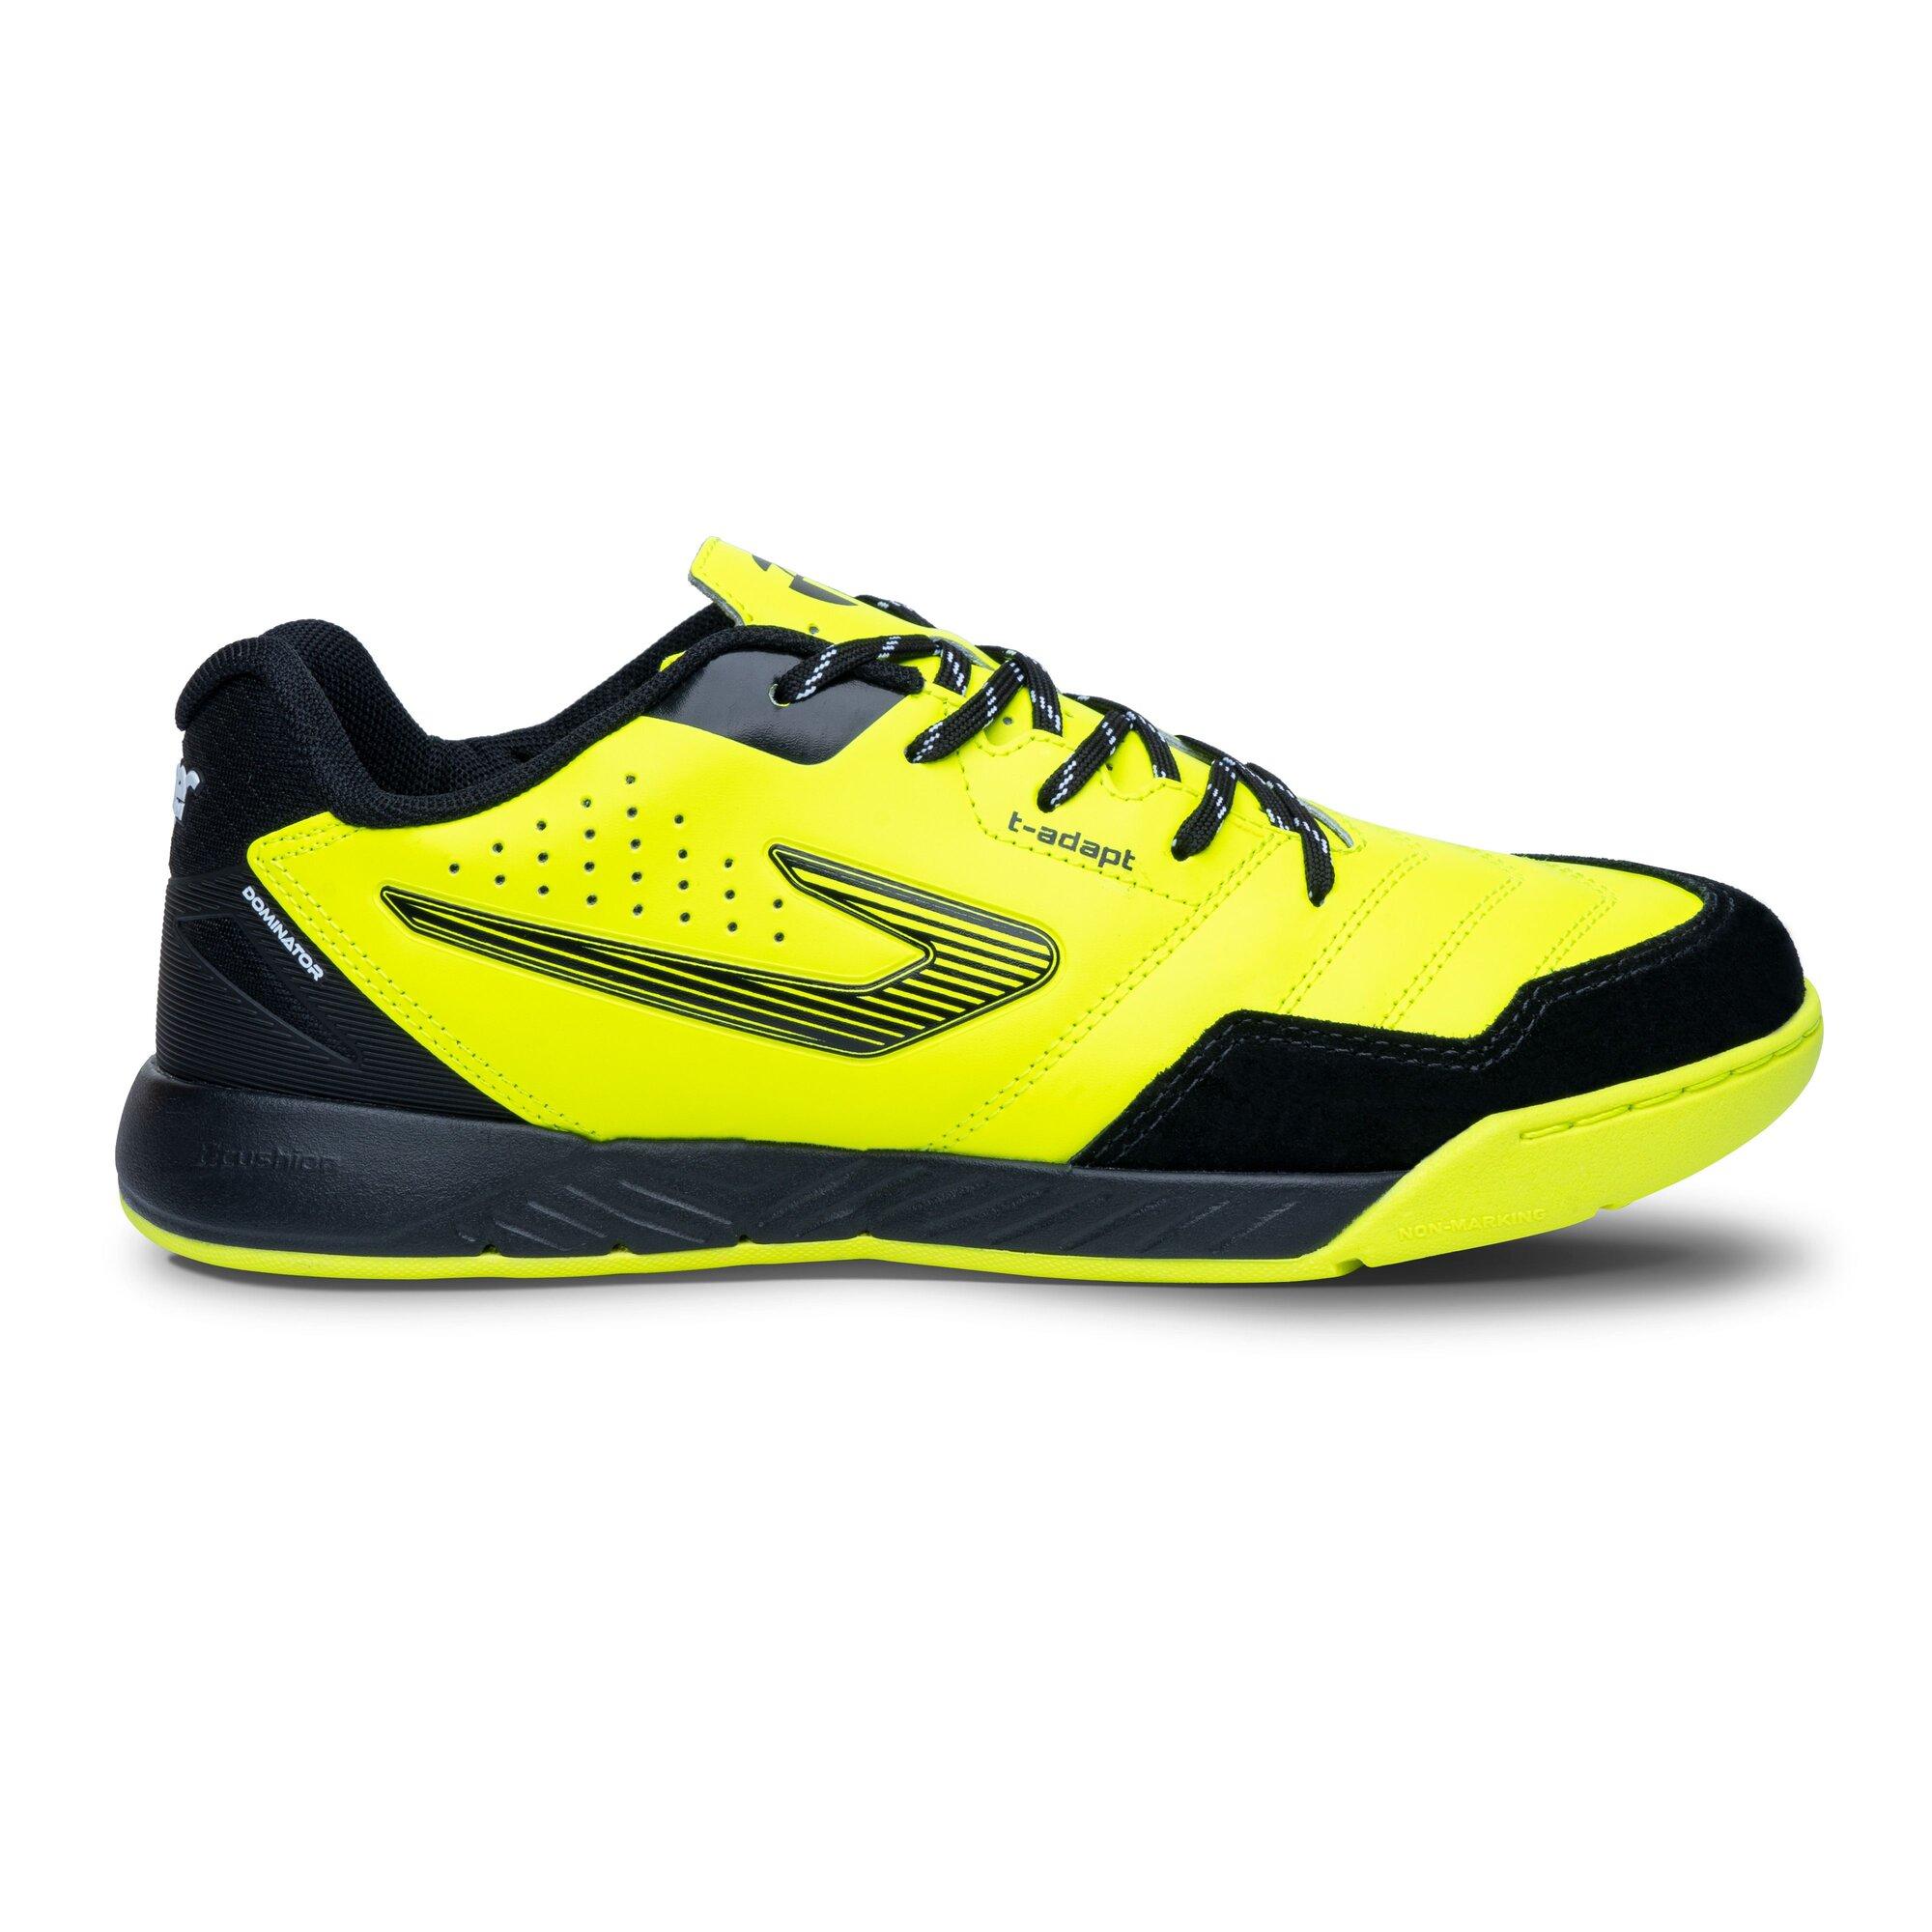 Tenis de Futsal Topper Dominator Pro III